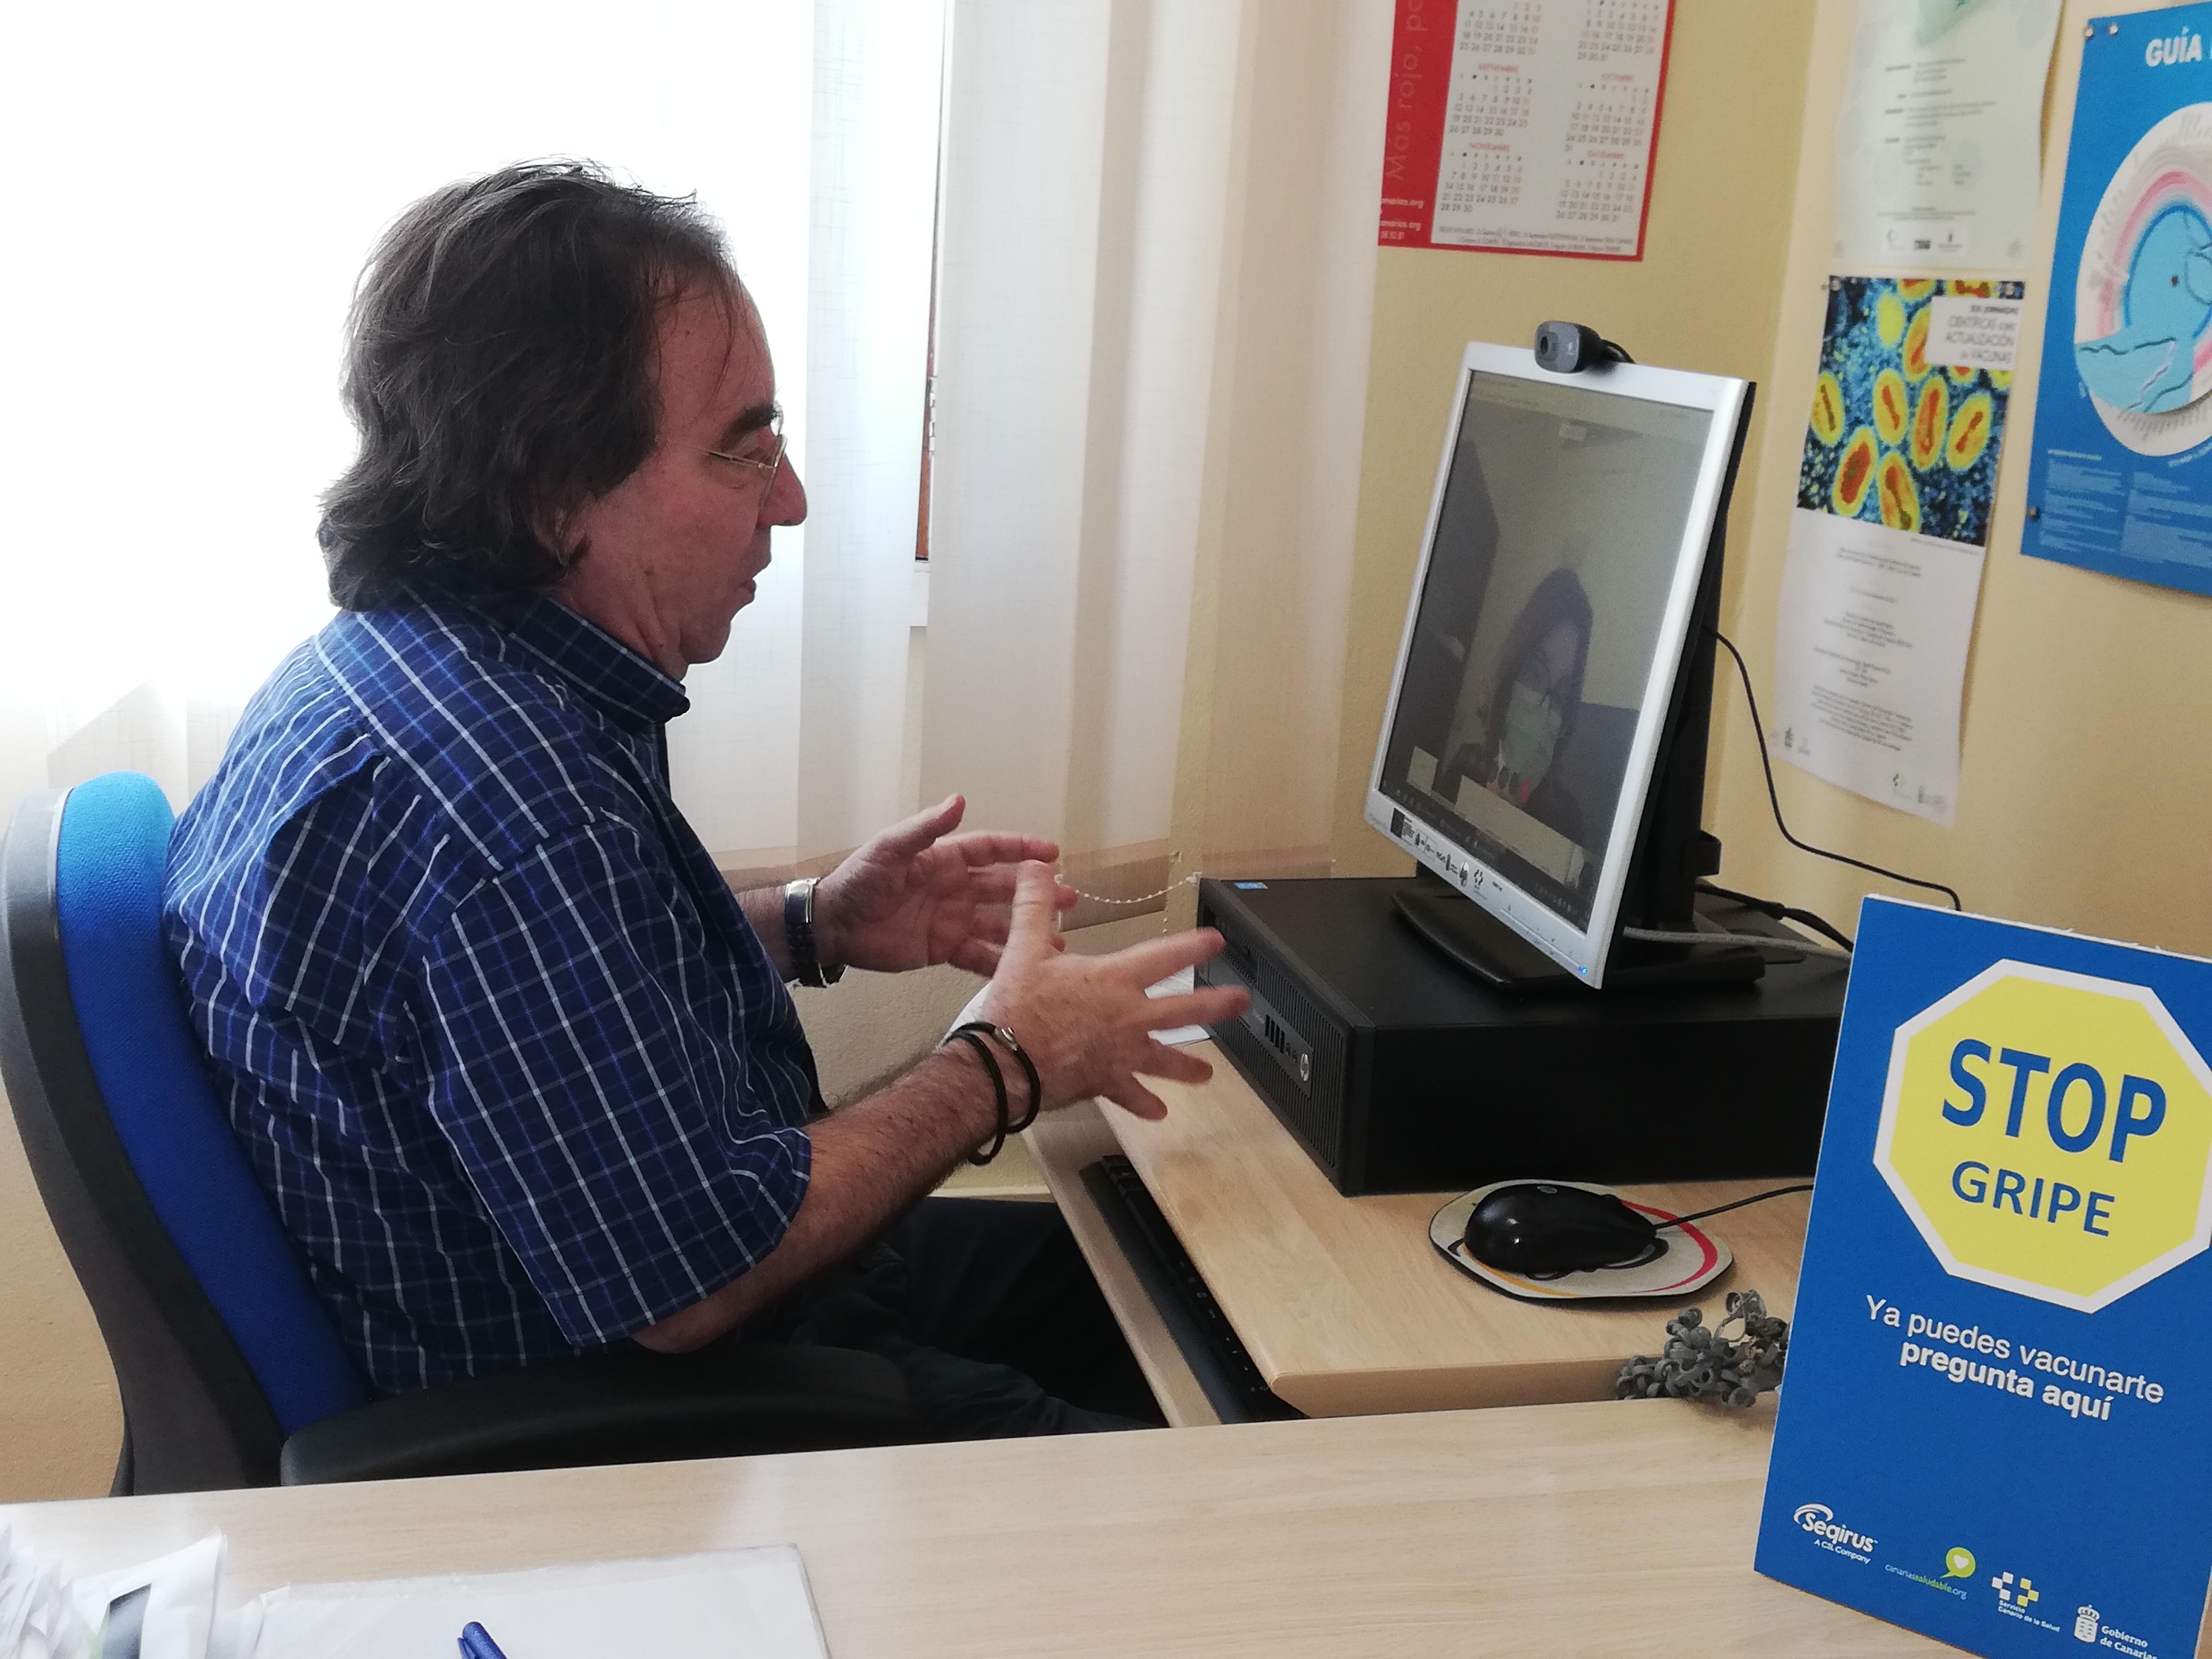 Encuentro Digital